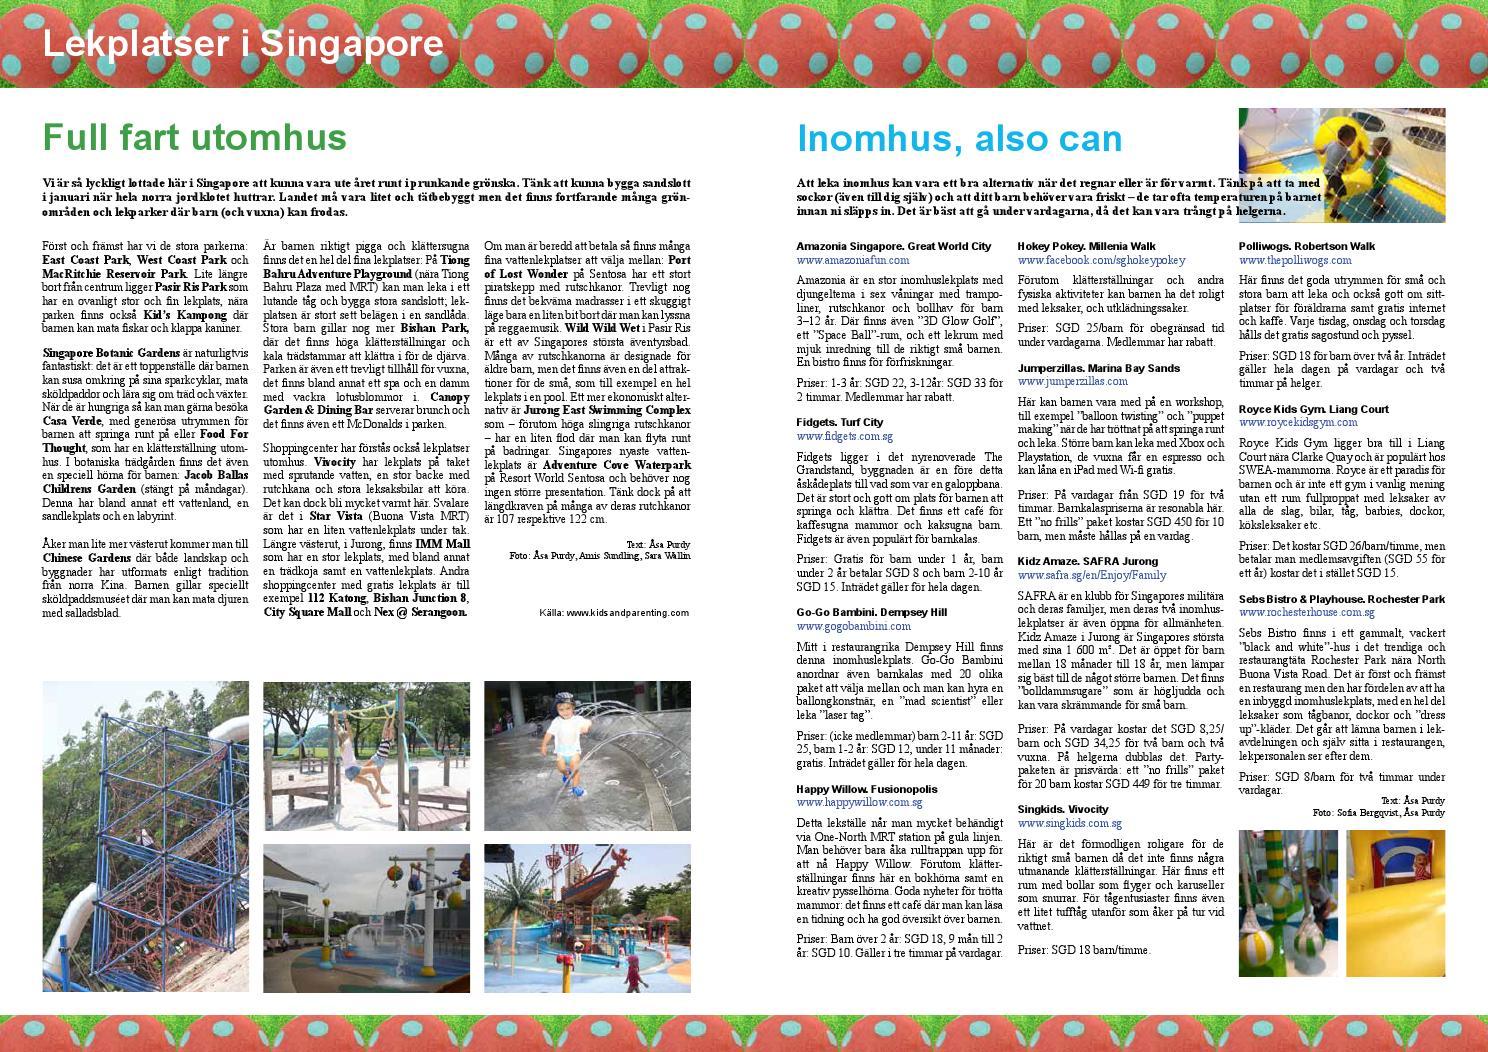 SWEA Magazine Nr 1 2013 del 2 by SWEAMagazineSingapore - issuu 6197533298964